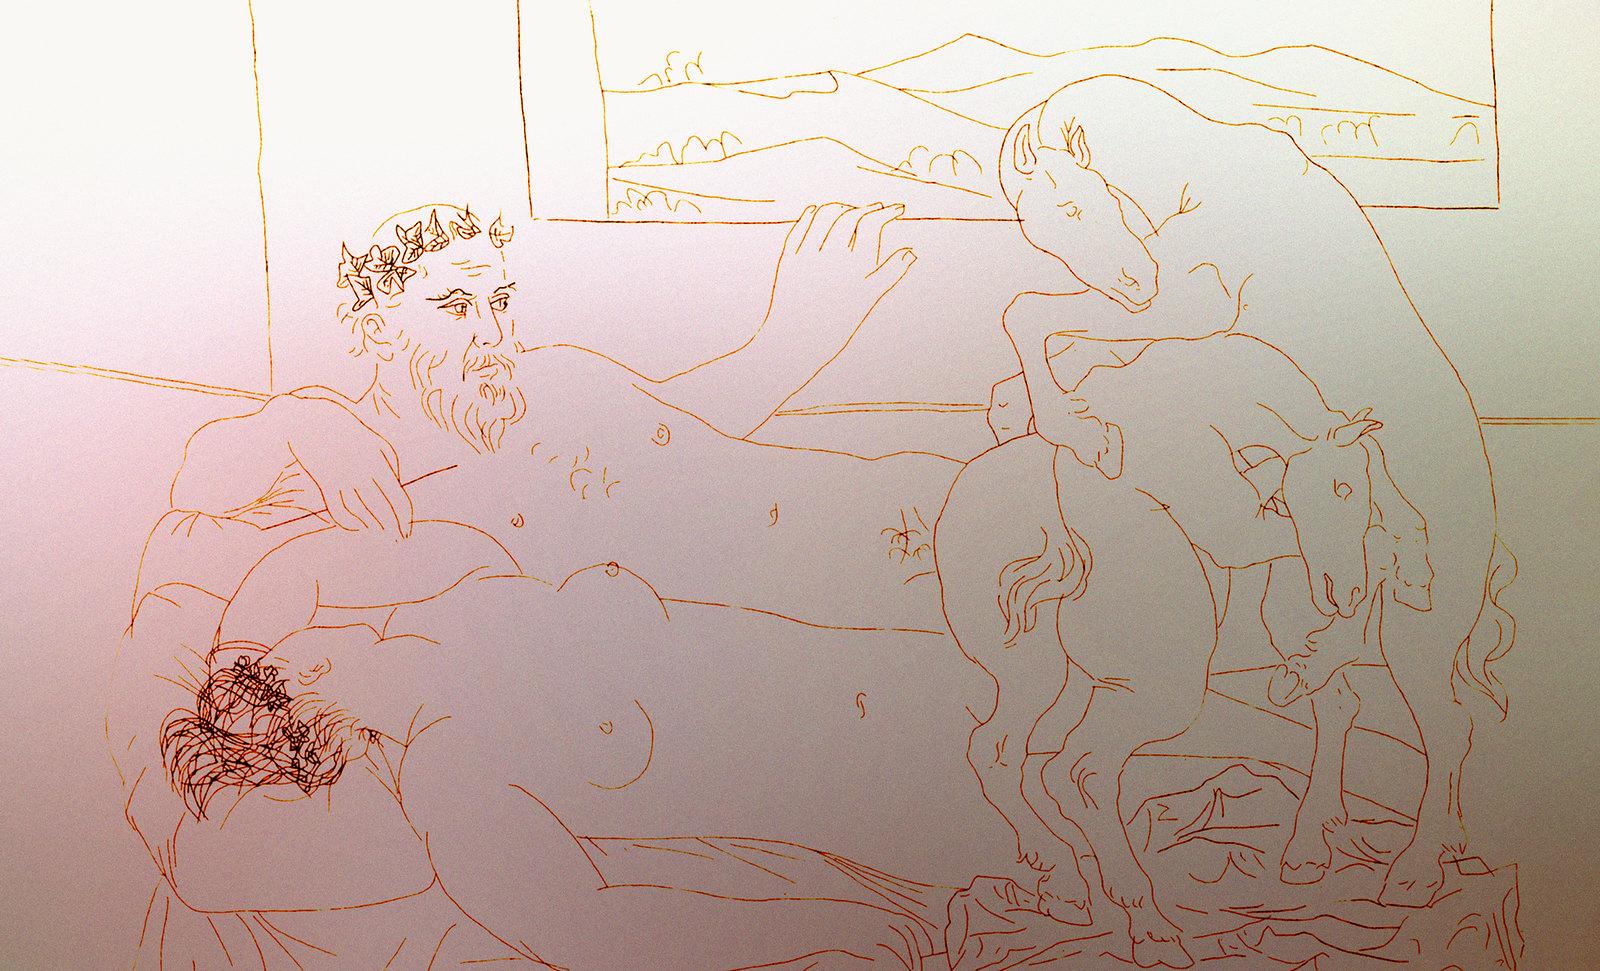 89Pablo Picasso